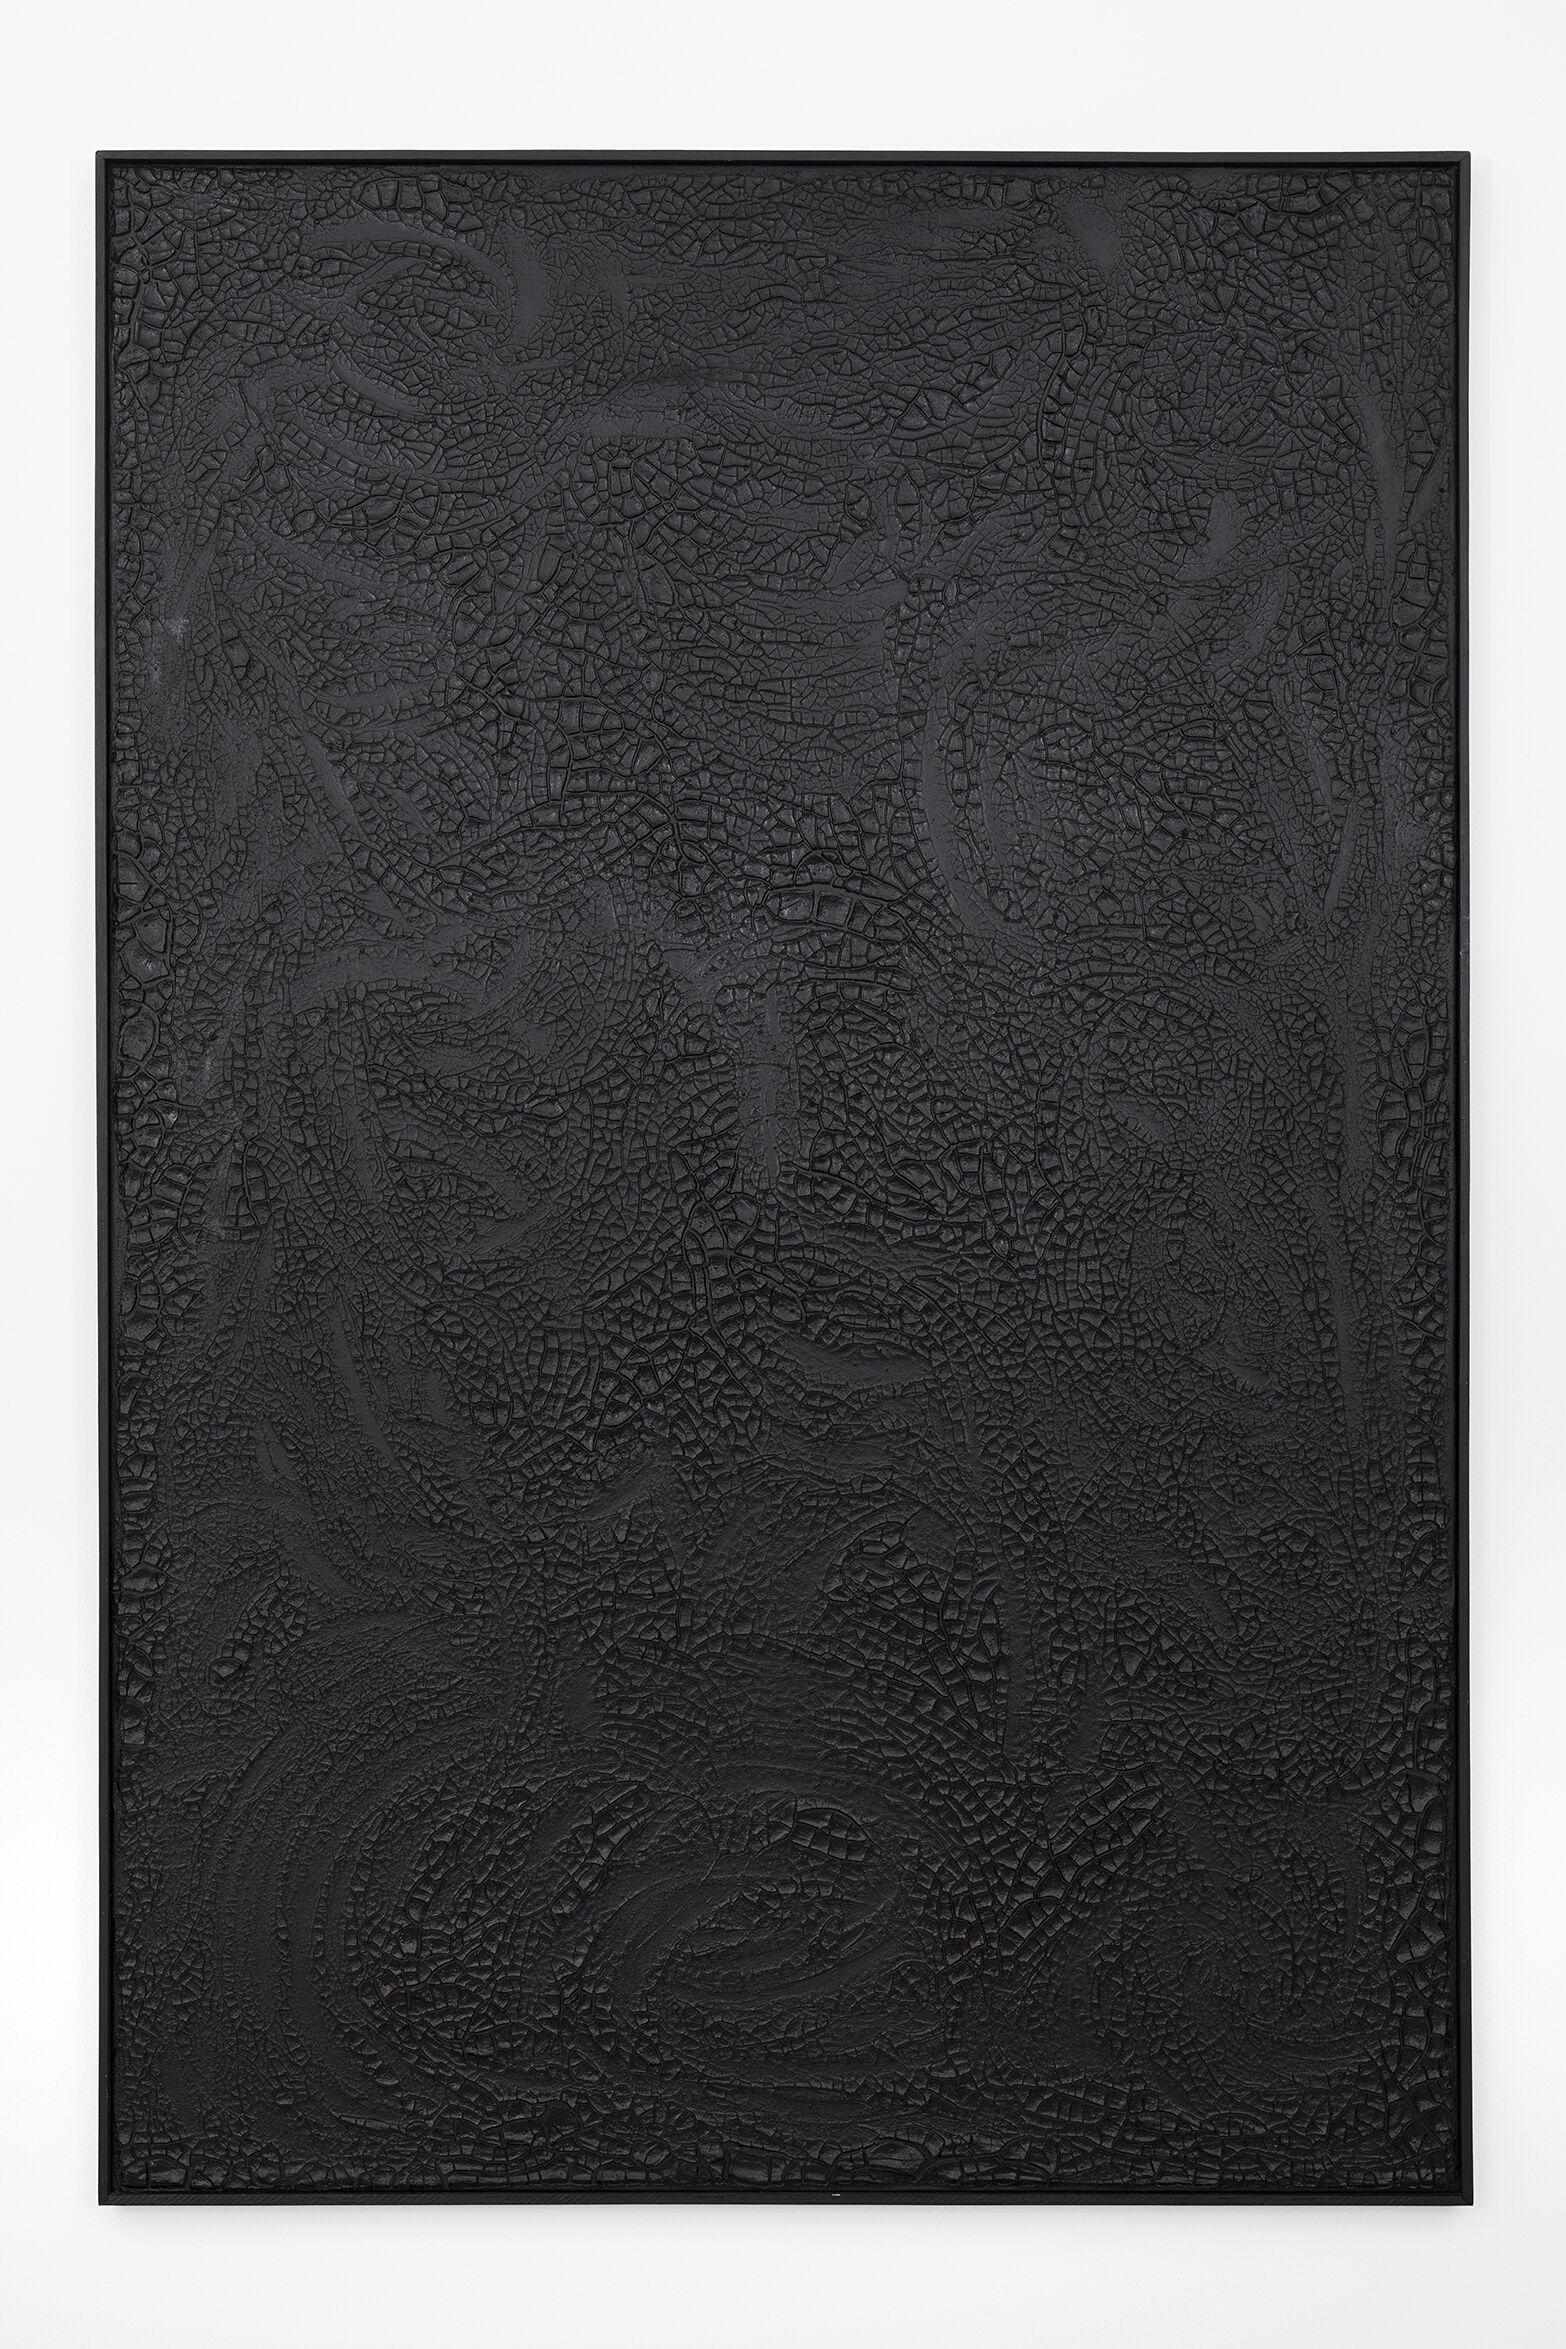 Beatriz Zamora (1935)   El negro 1019   1993   Mixta sobre tela   Mixed on canvas 210 x 140cm  (82.68 x 55.12inches)